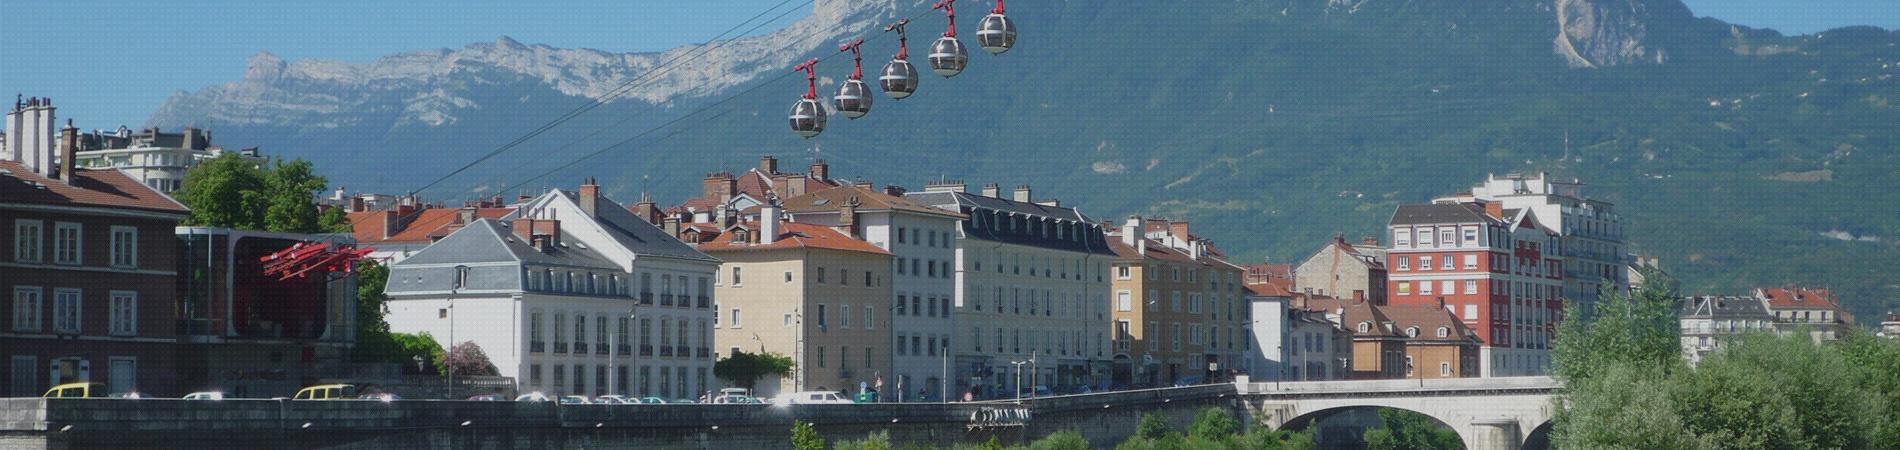 Réservez votre navette Grenoble vers Aéroport Genève | Pickmecab